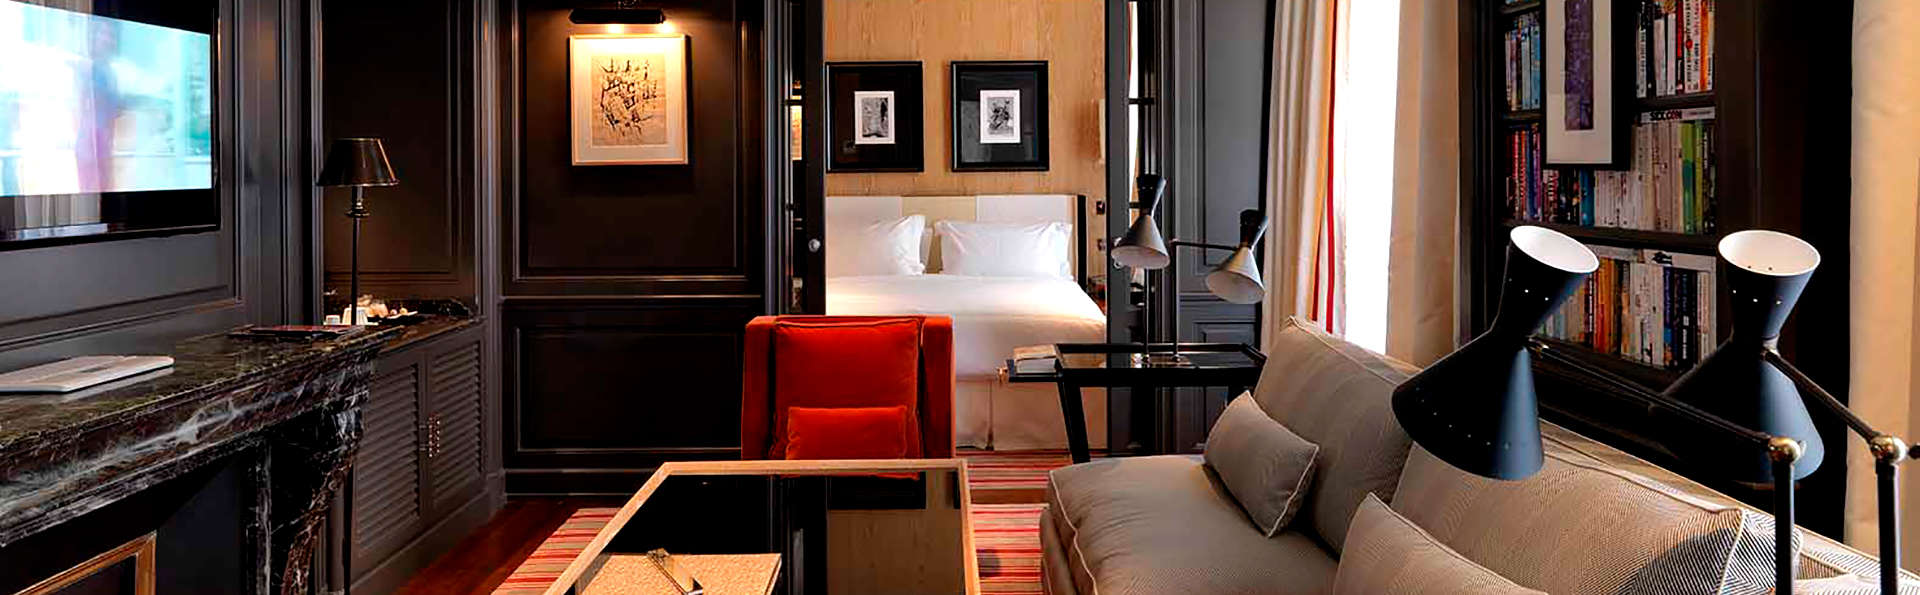 Week-end de luxe en suite executive dans un 5 étoiles au cœur de Paris